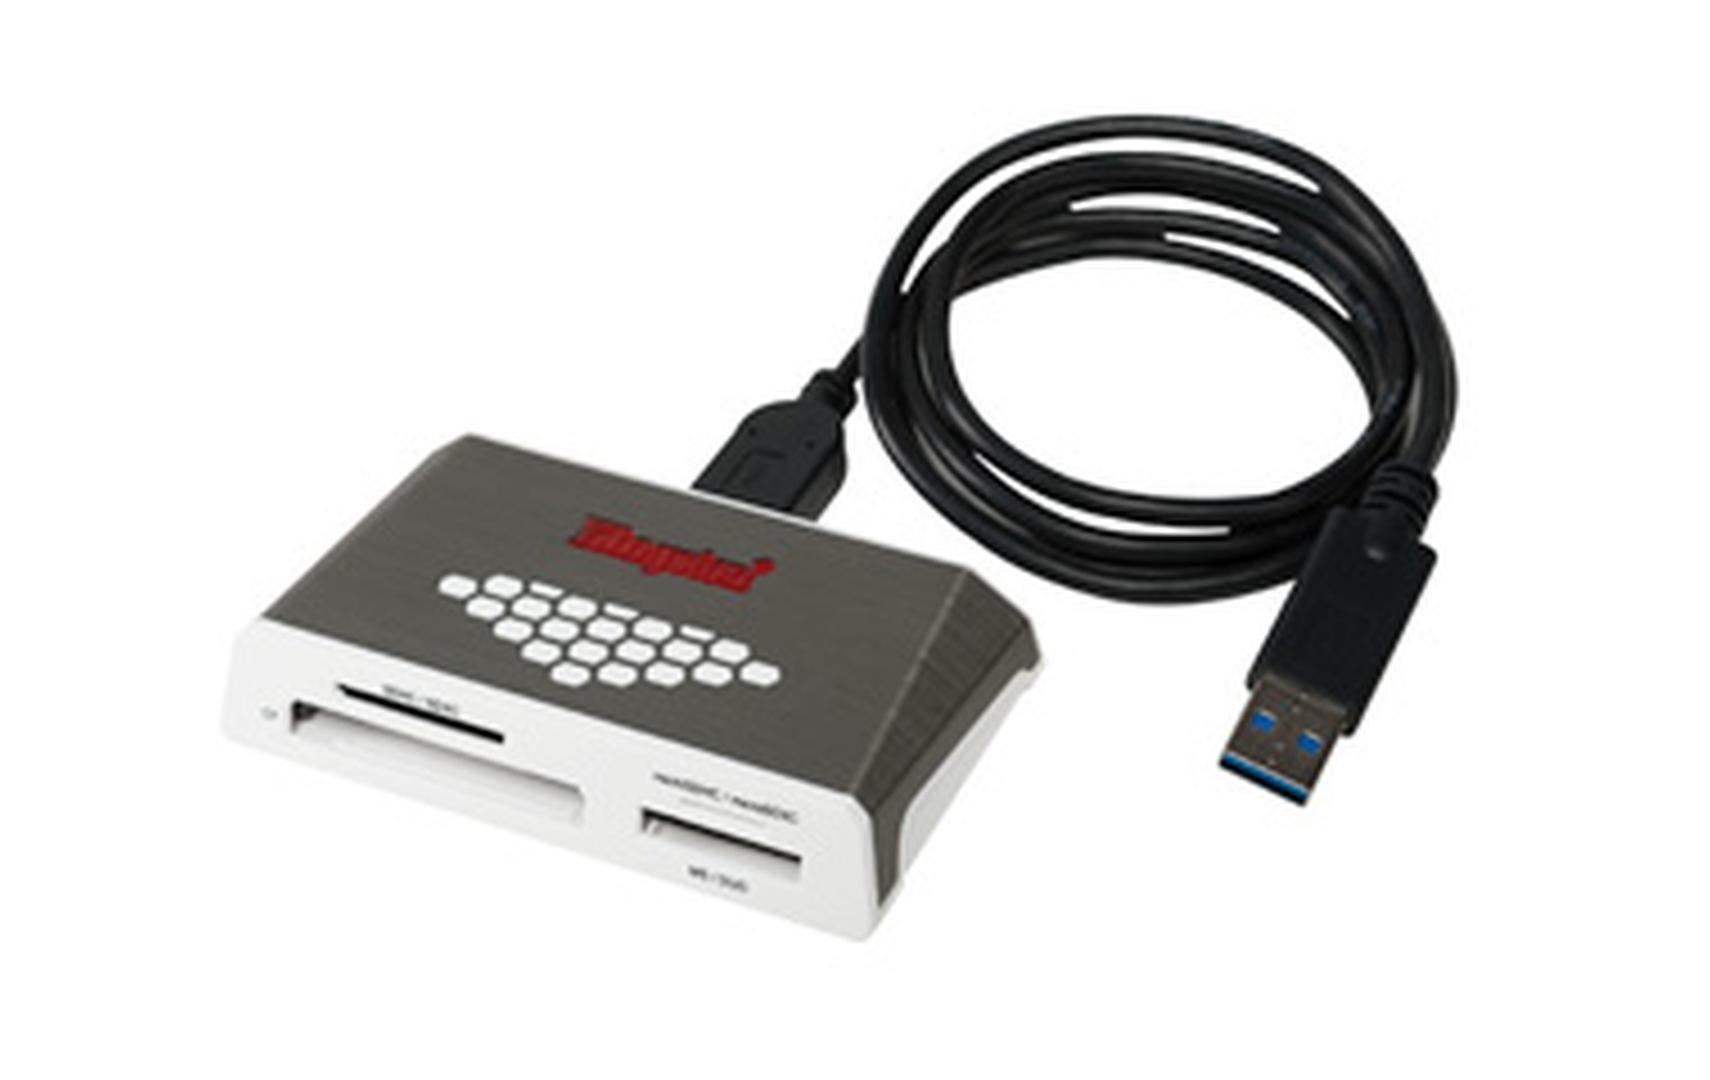 Leitor de Cartões Kingston Media Reader Gen4 USB3.0